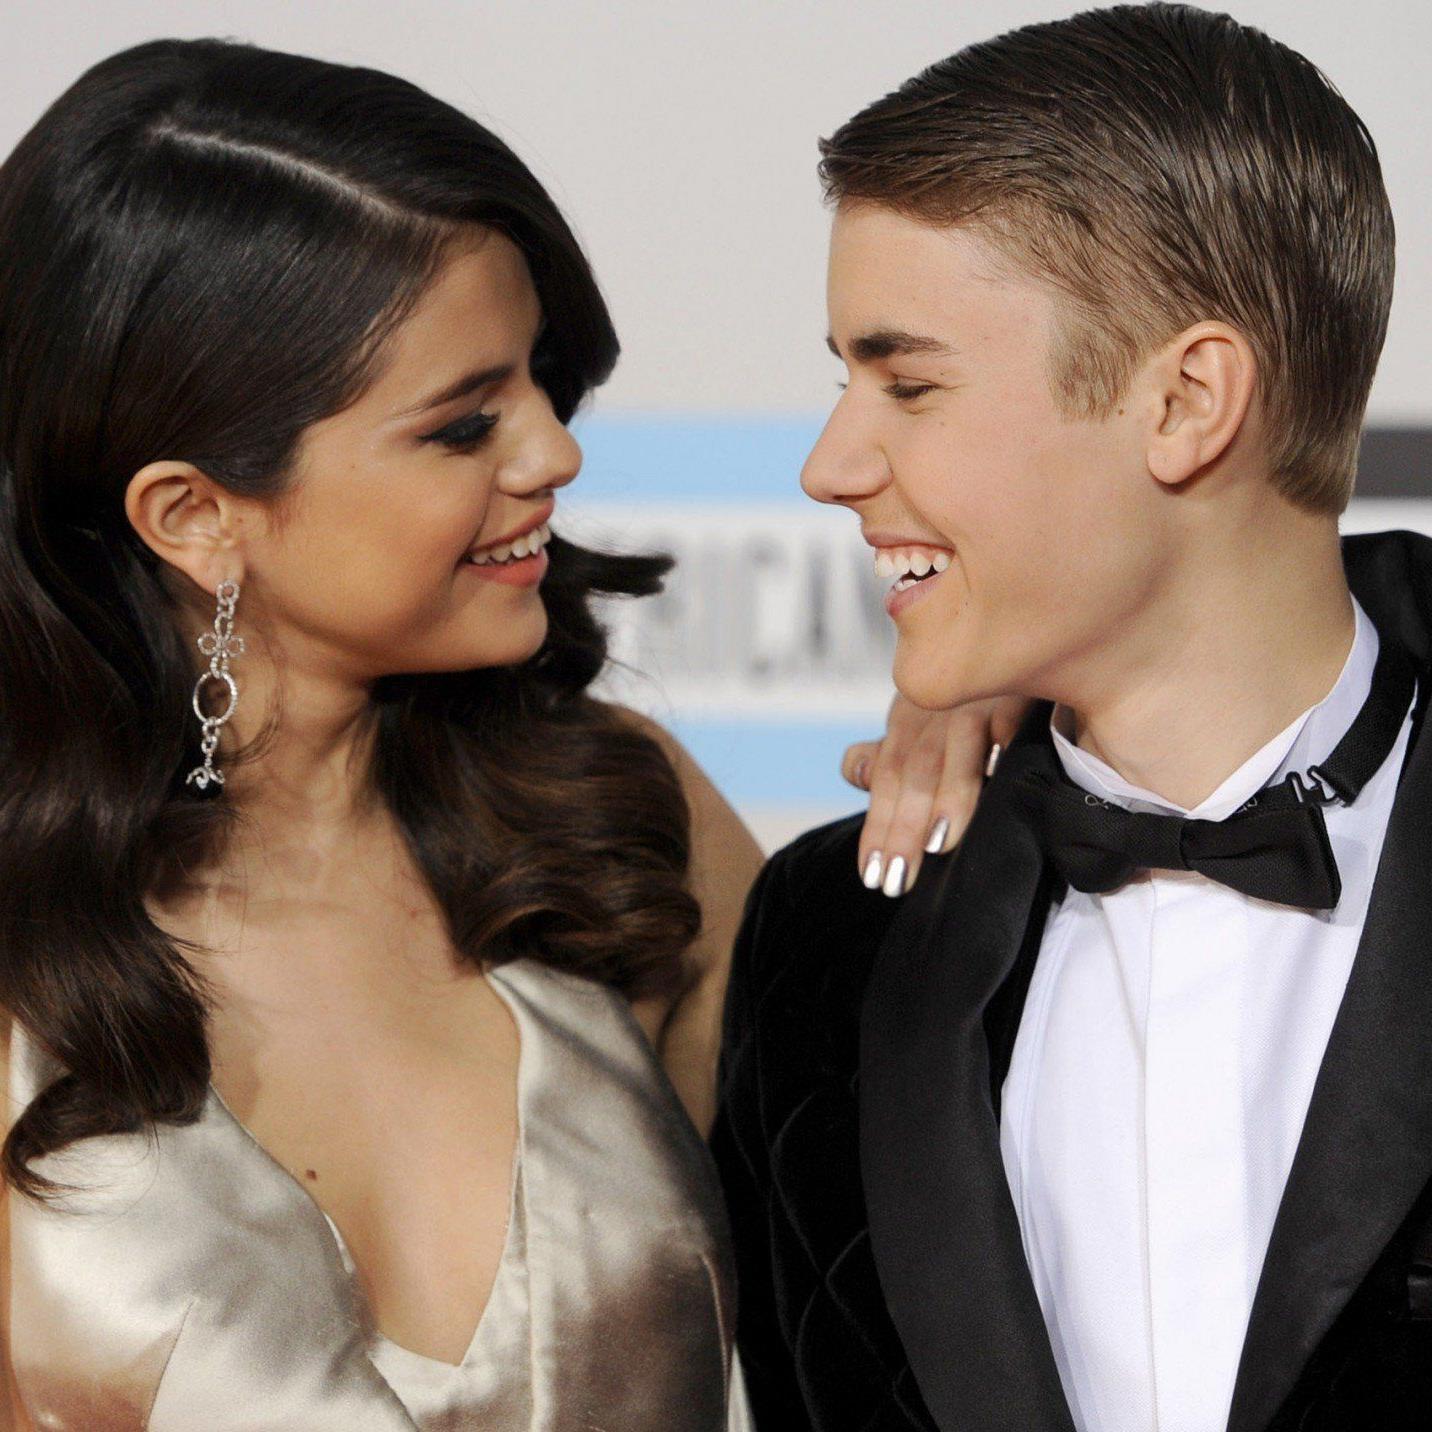 """""""Sie küssten sich die ganze Zeit und Justin war sehr aufmerksam"""", erklärte ein Augenzeuge."""